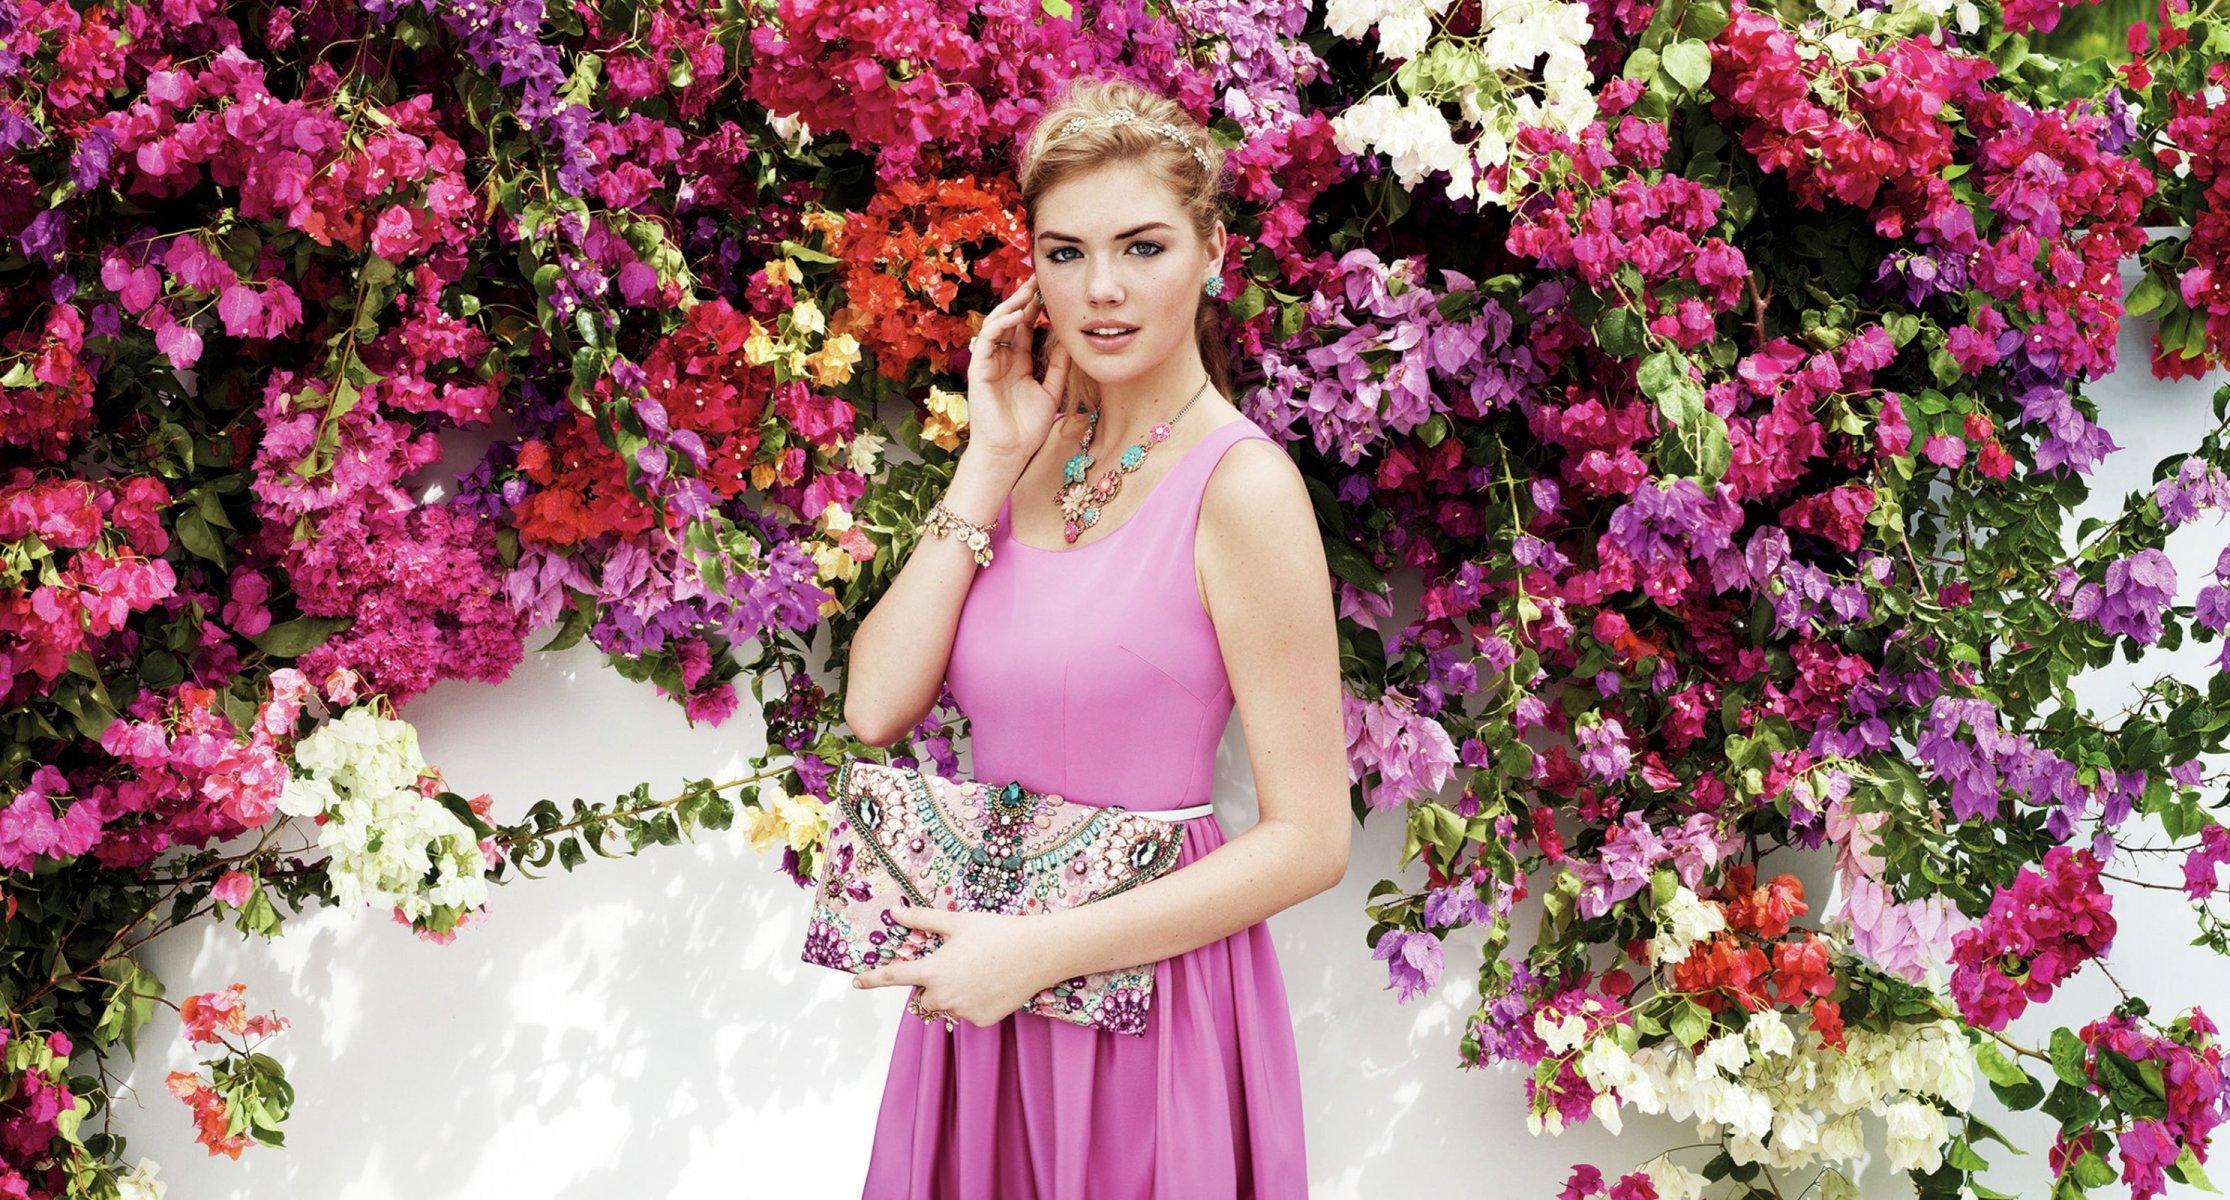 Фото девушек на фоне цветов